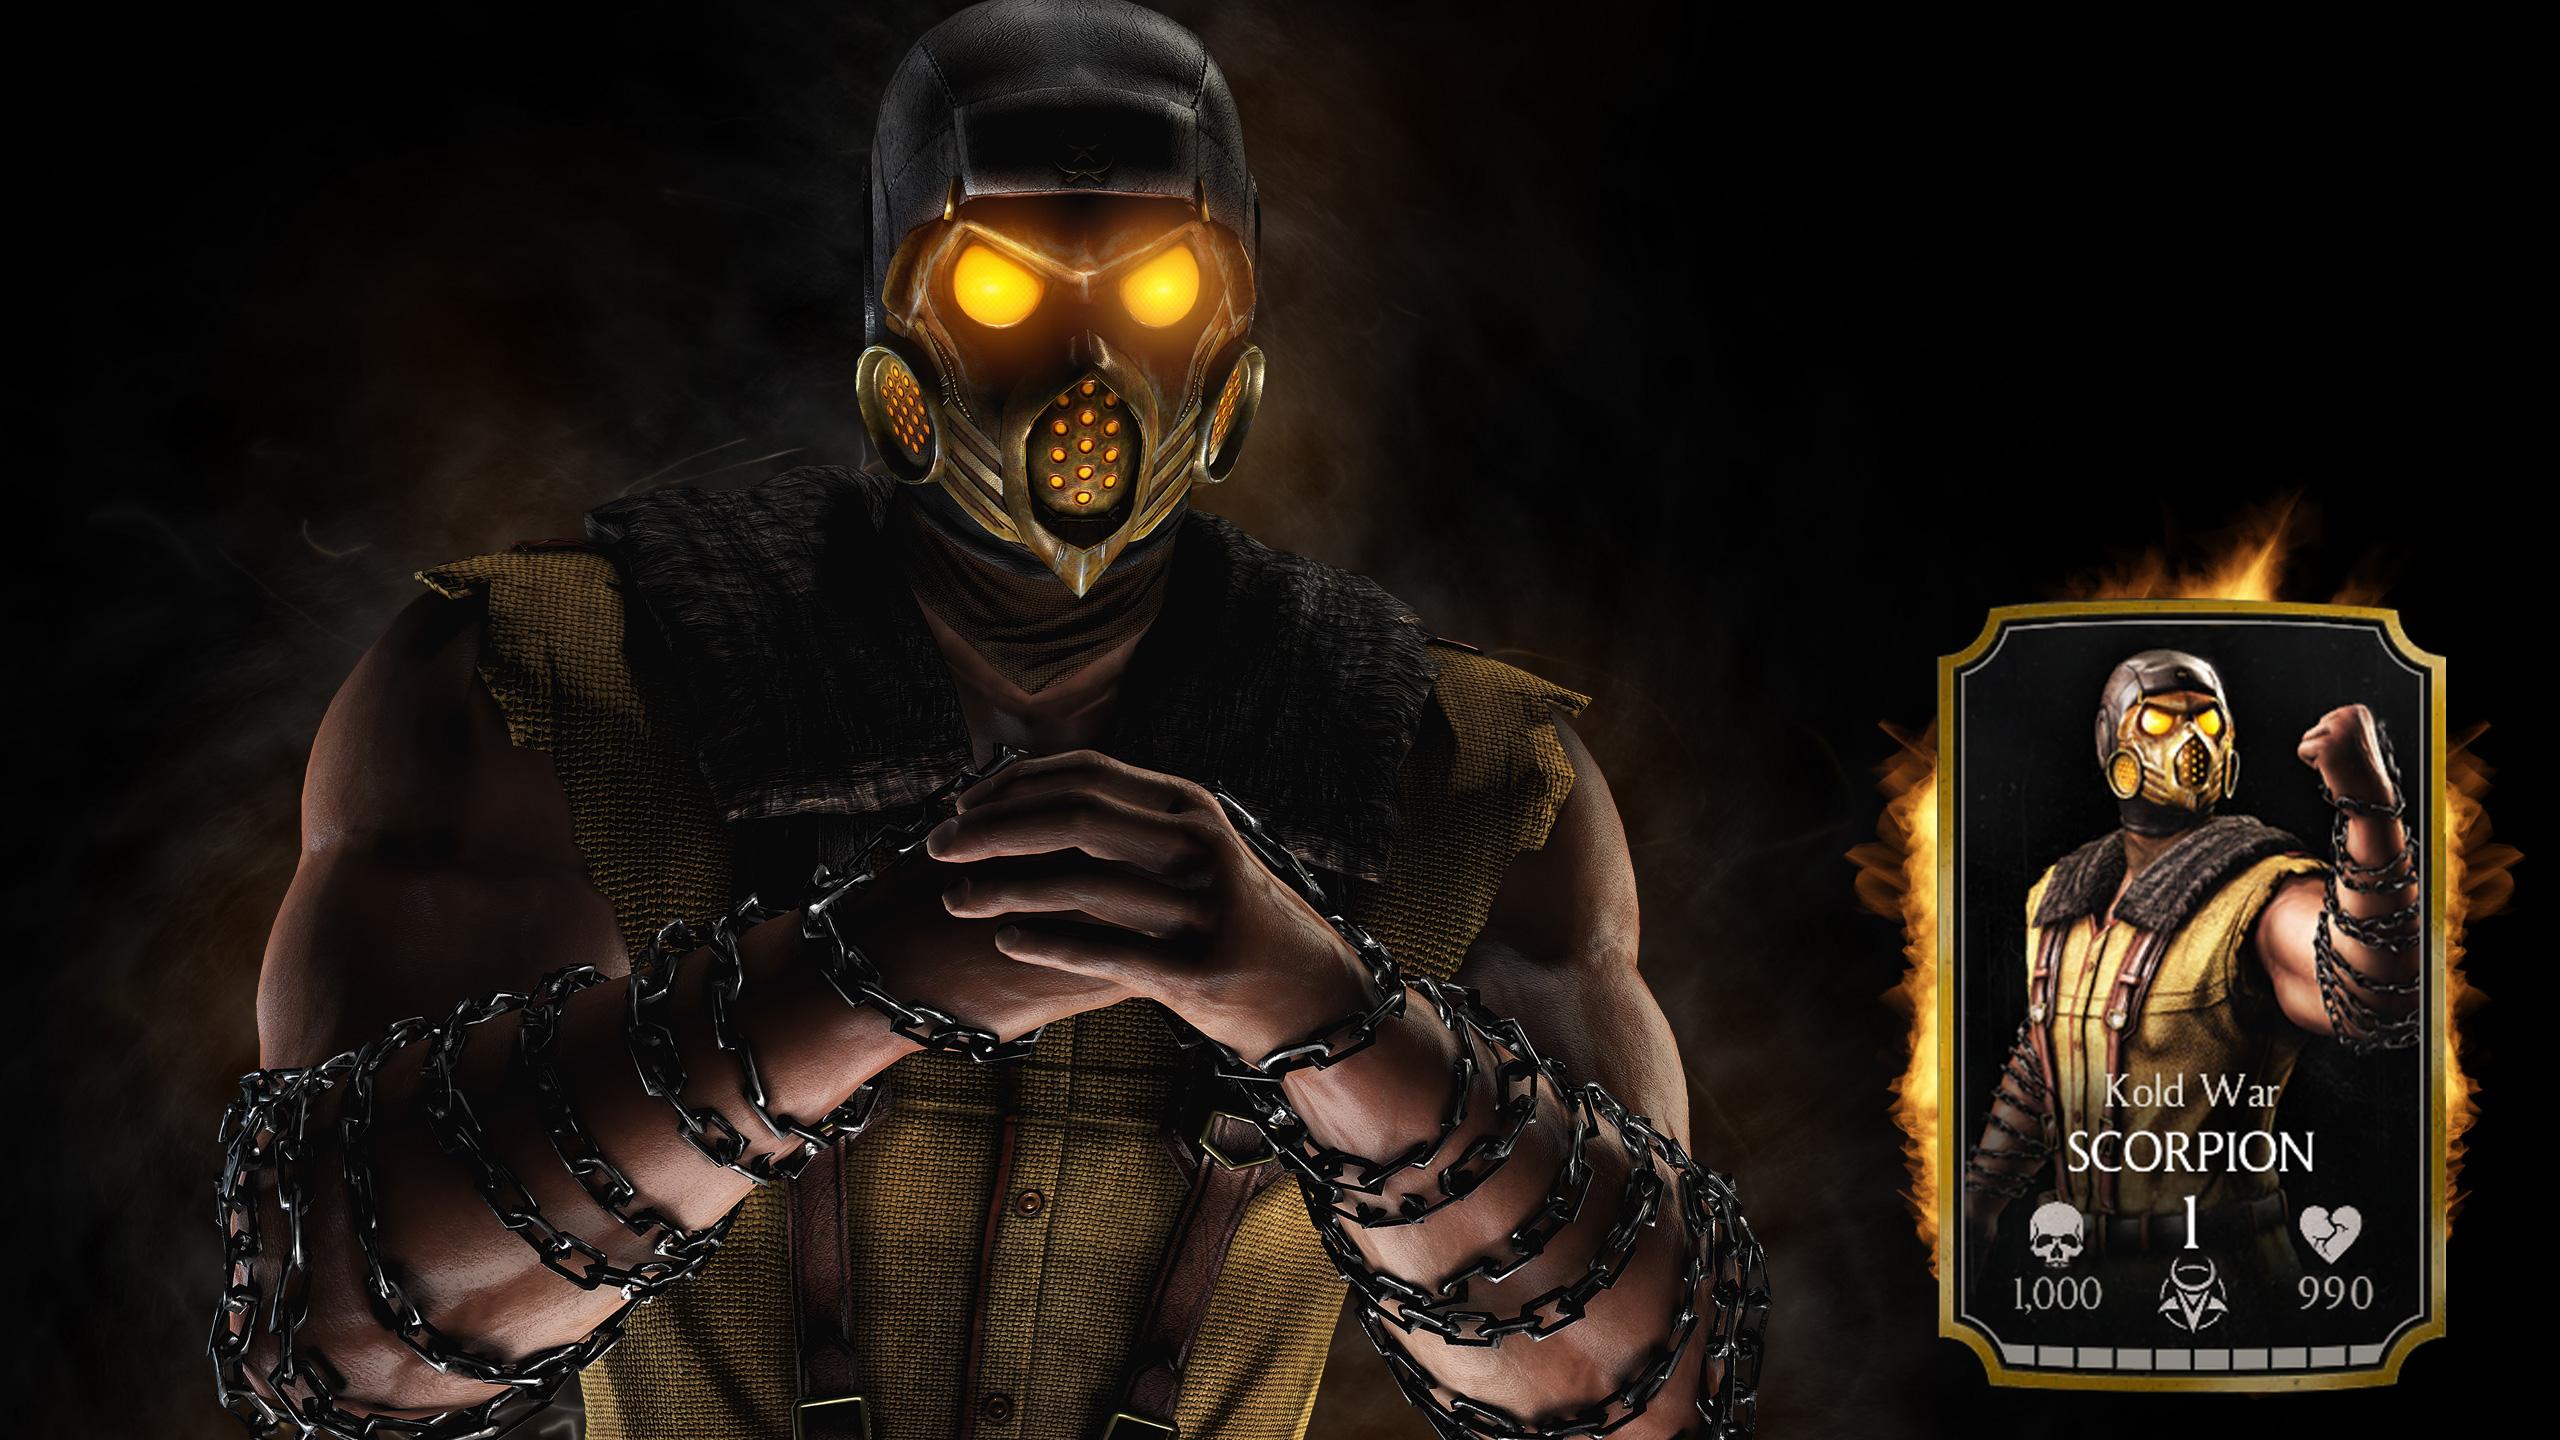 Скорпиона из игры мортал комбат х. обои скачать